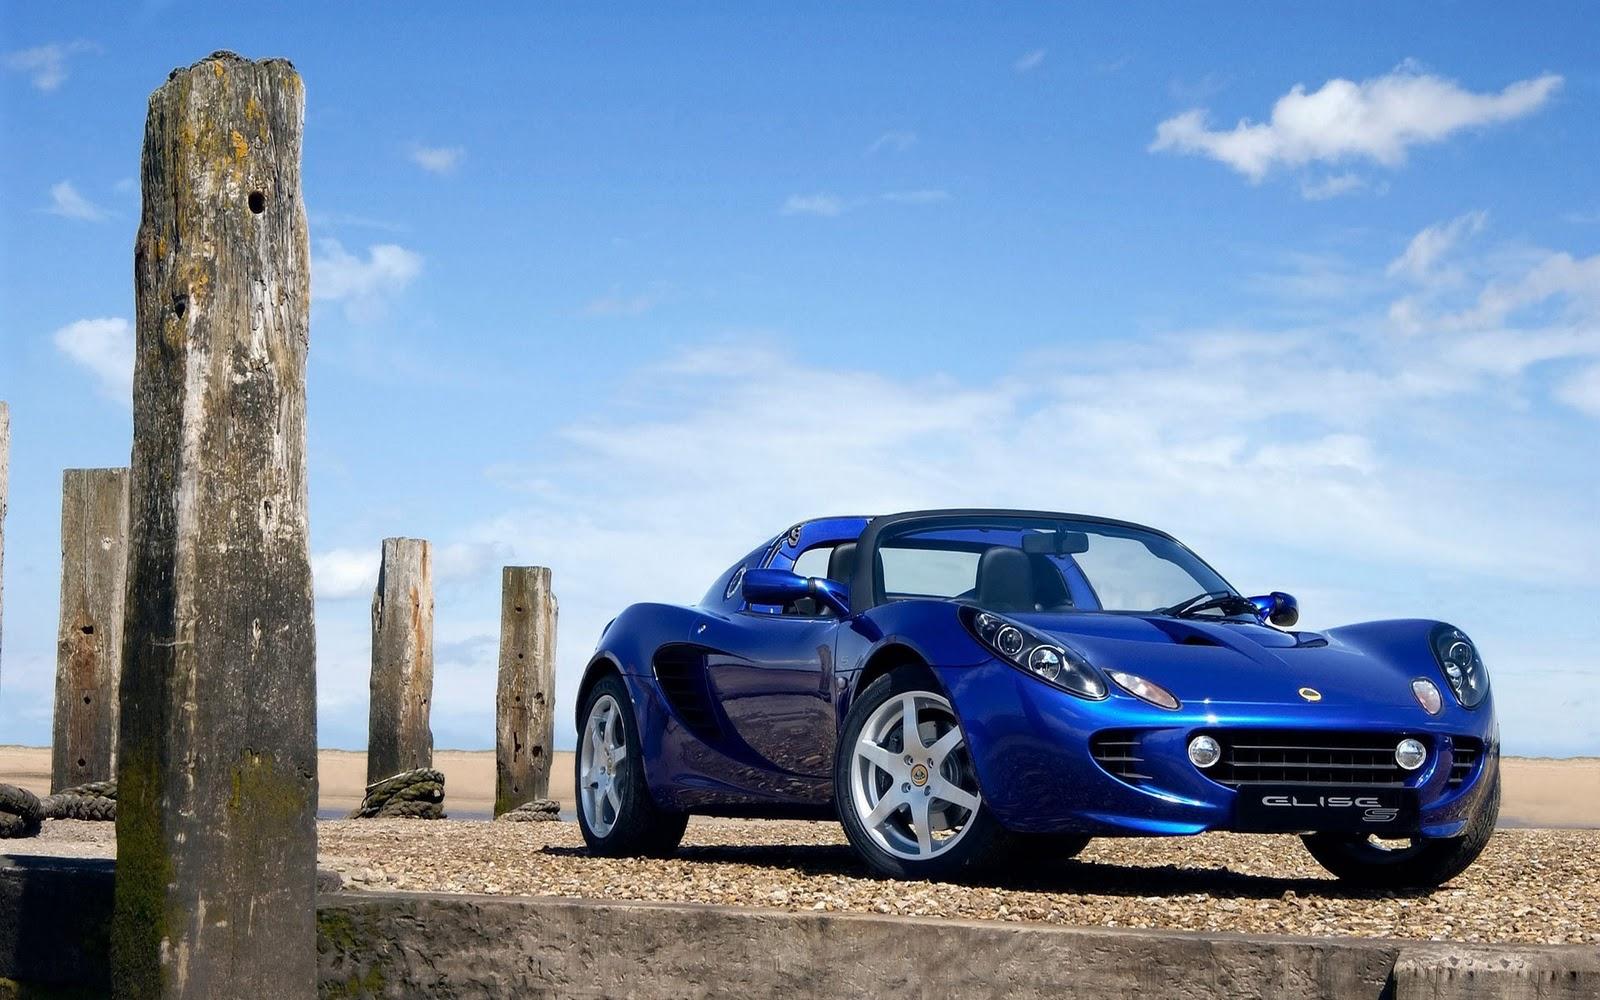 Sport Autos Wallpaper Hd: Sport Cars HD Wallpapers